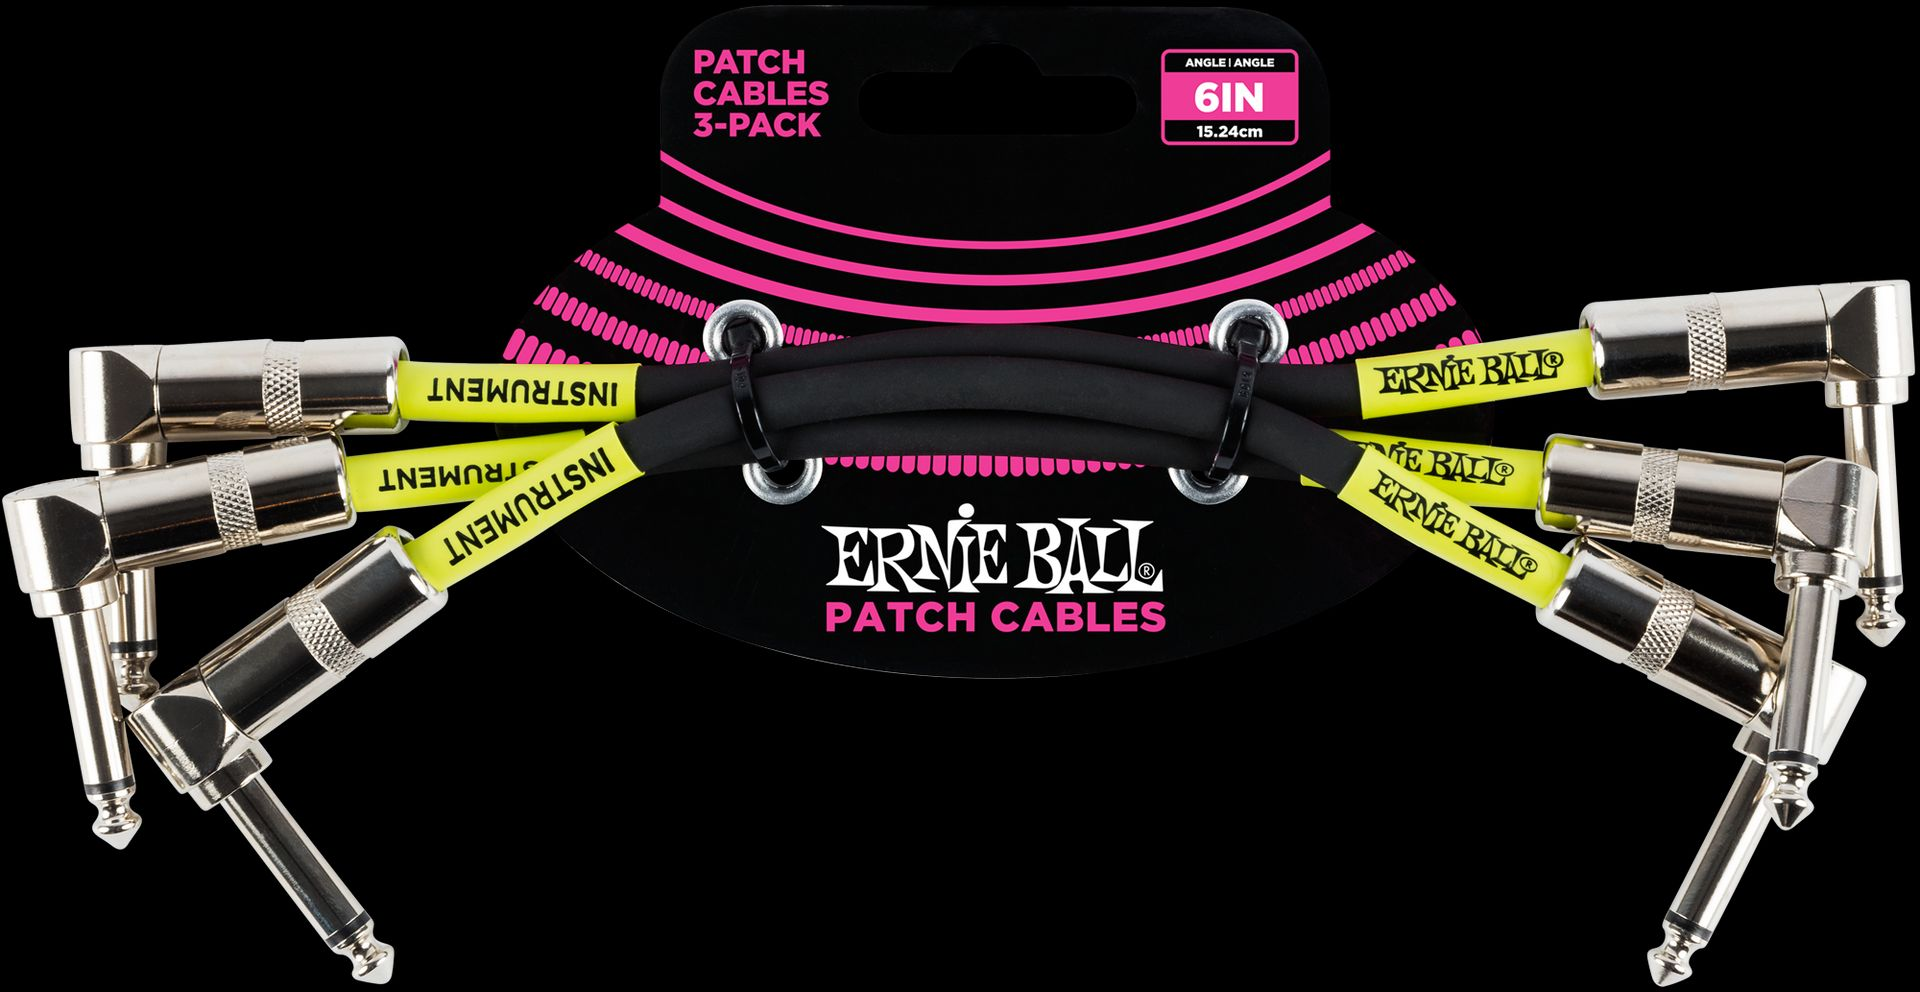 Ernie Ball EB6050 Patchkabel 15cm gewinkelt/gewinkelt 3er Pack schwarz